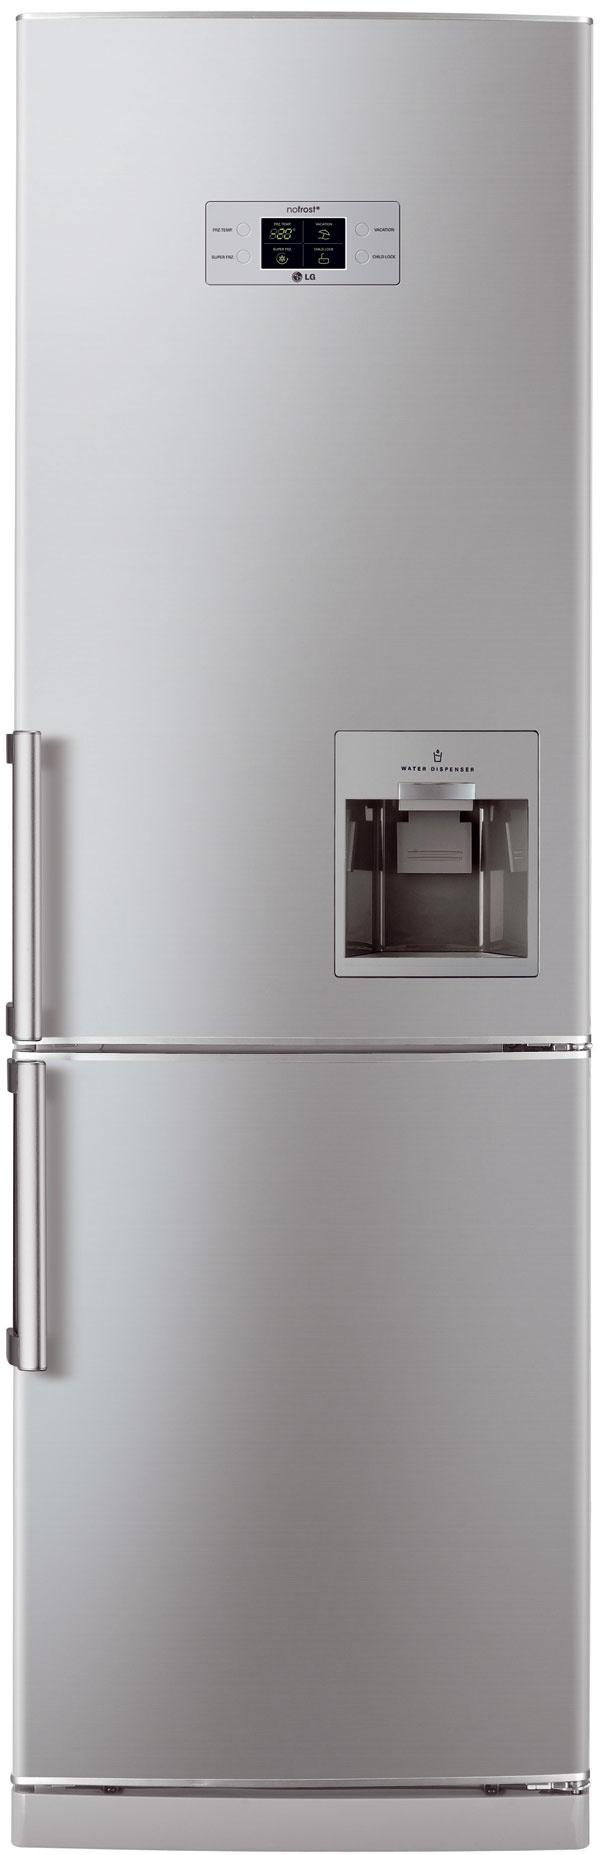 Chladnička smrazničkou LG GC F399BLQW čistý objem: 210 / 86 l energetická trieda: A+ funkcie: Total No Frost, automat na vodu so zásobníkom  rozmery: 59,5 × 189,6 × 65,1 cm cena: 649 €